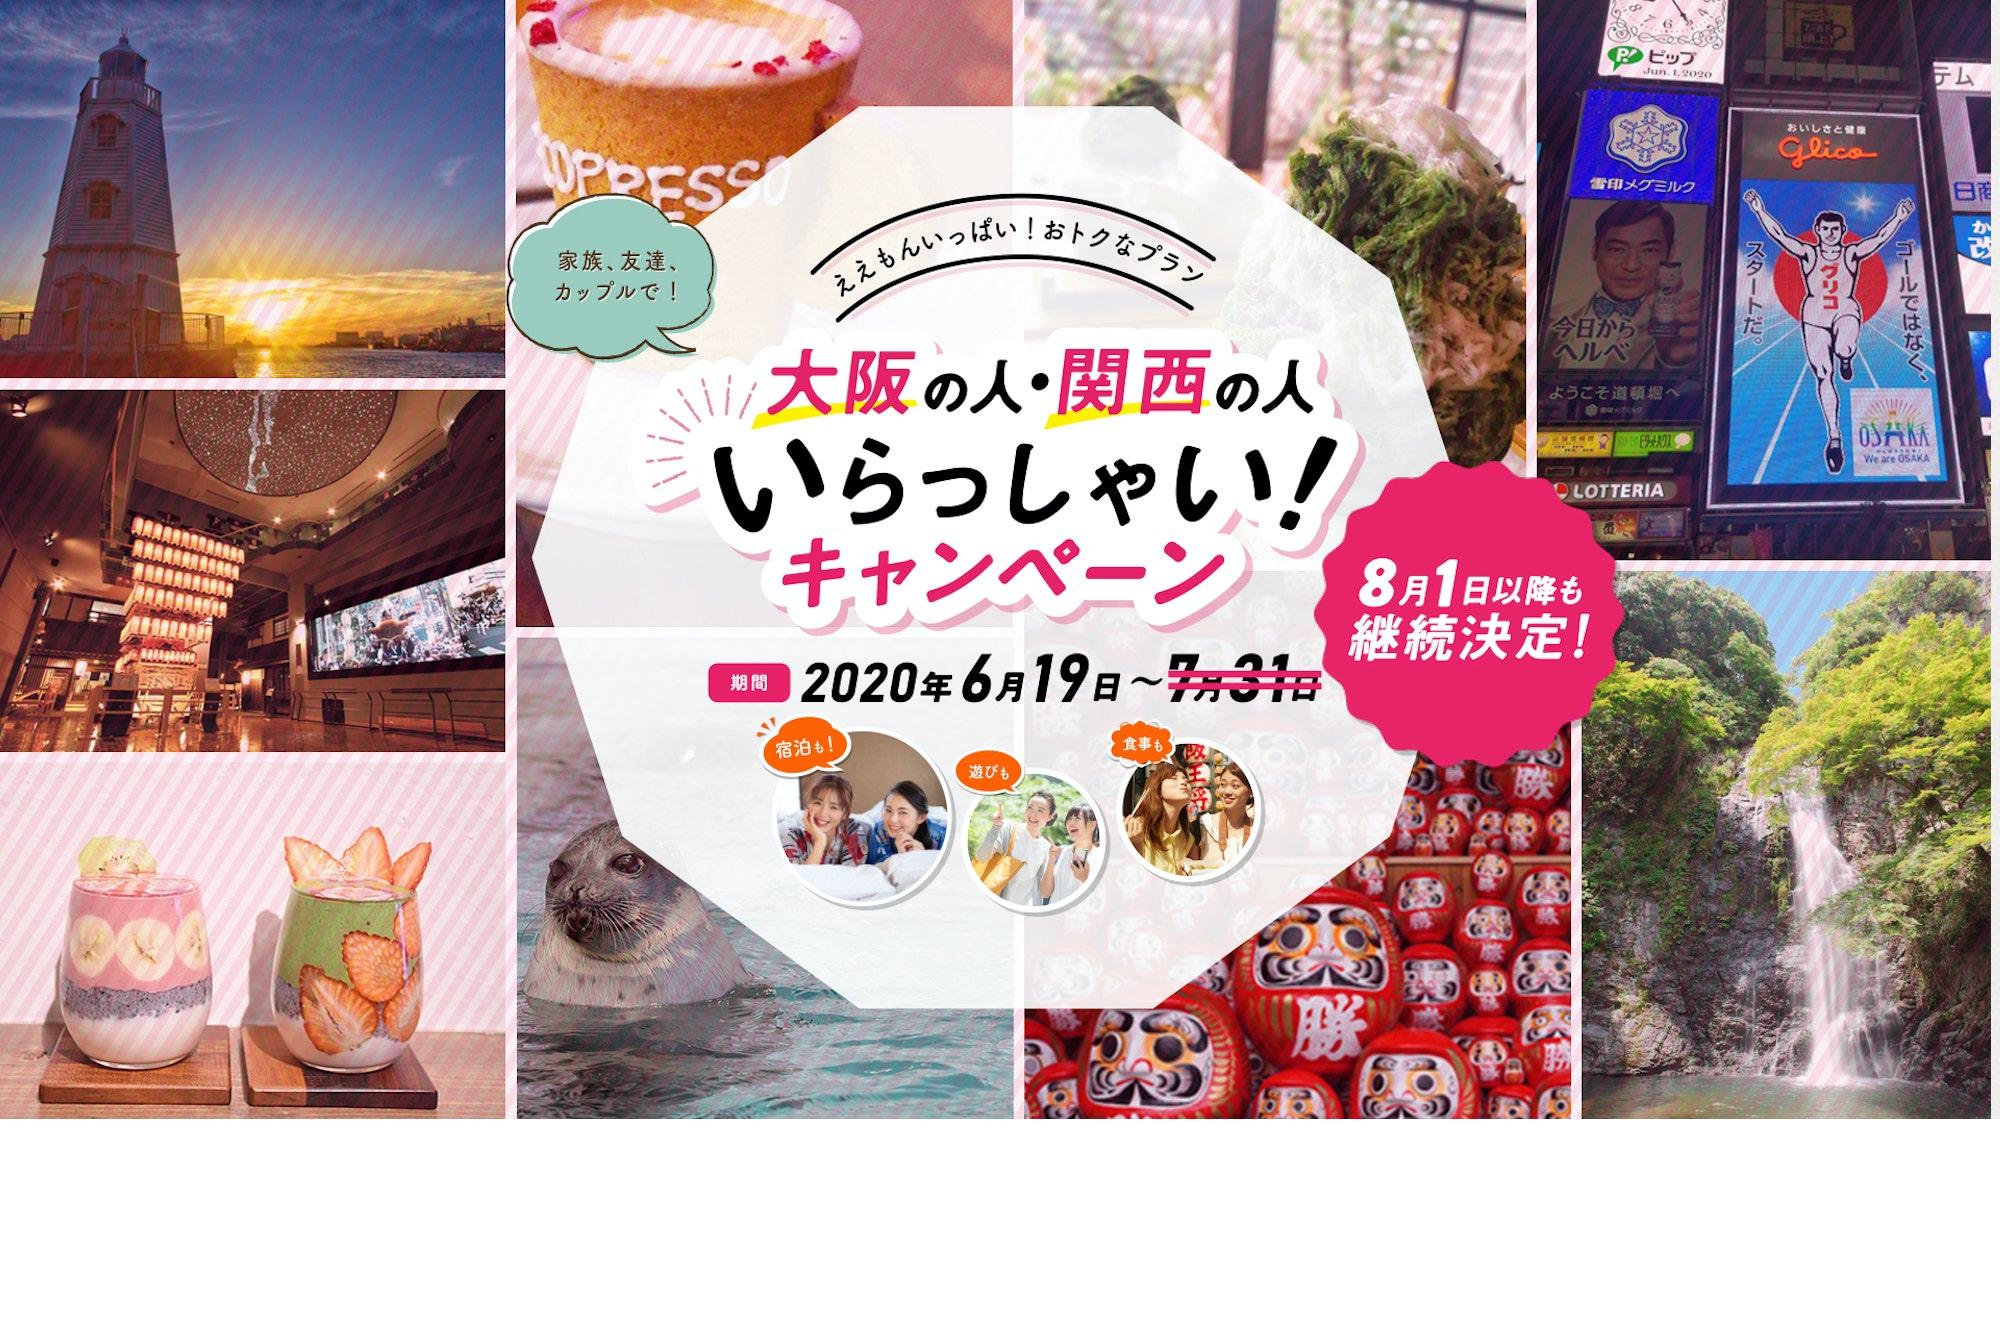 【大阪いらっしゃい】キャンペーン_サカイノマ